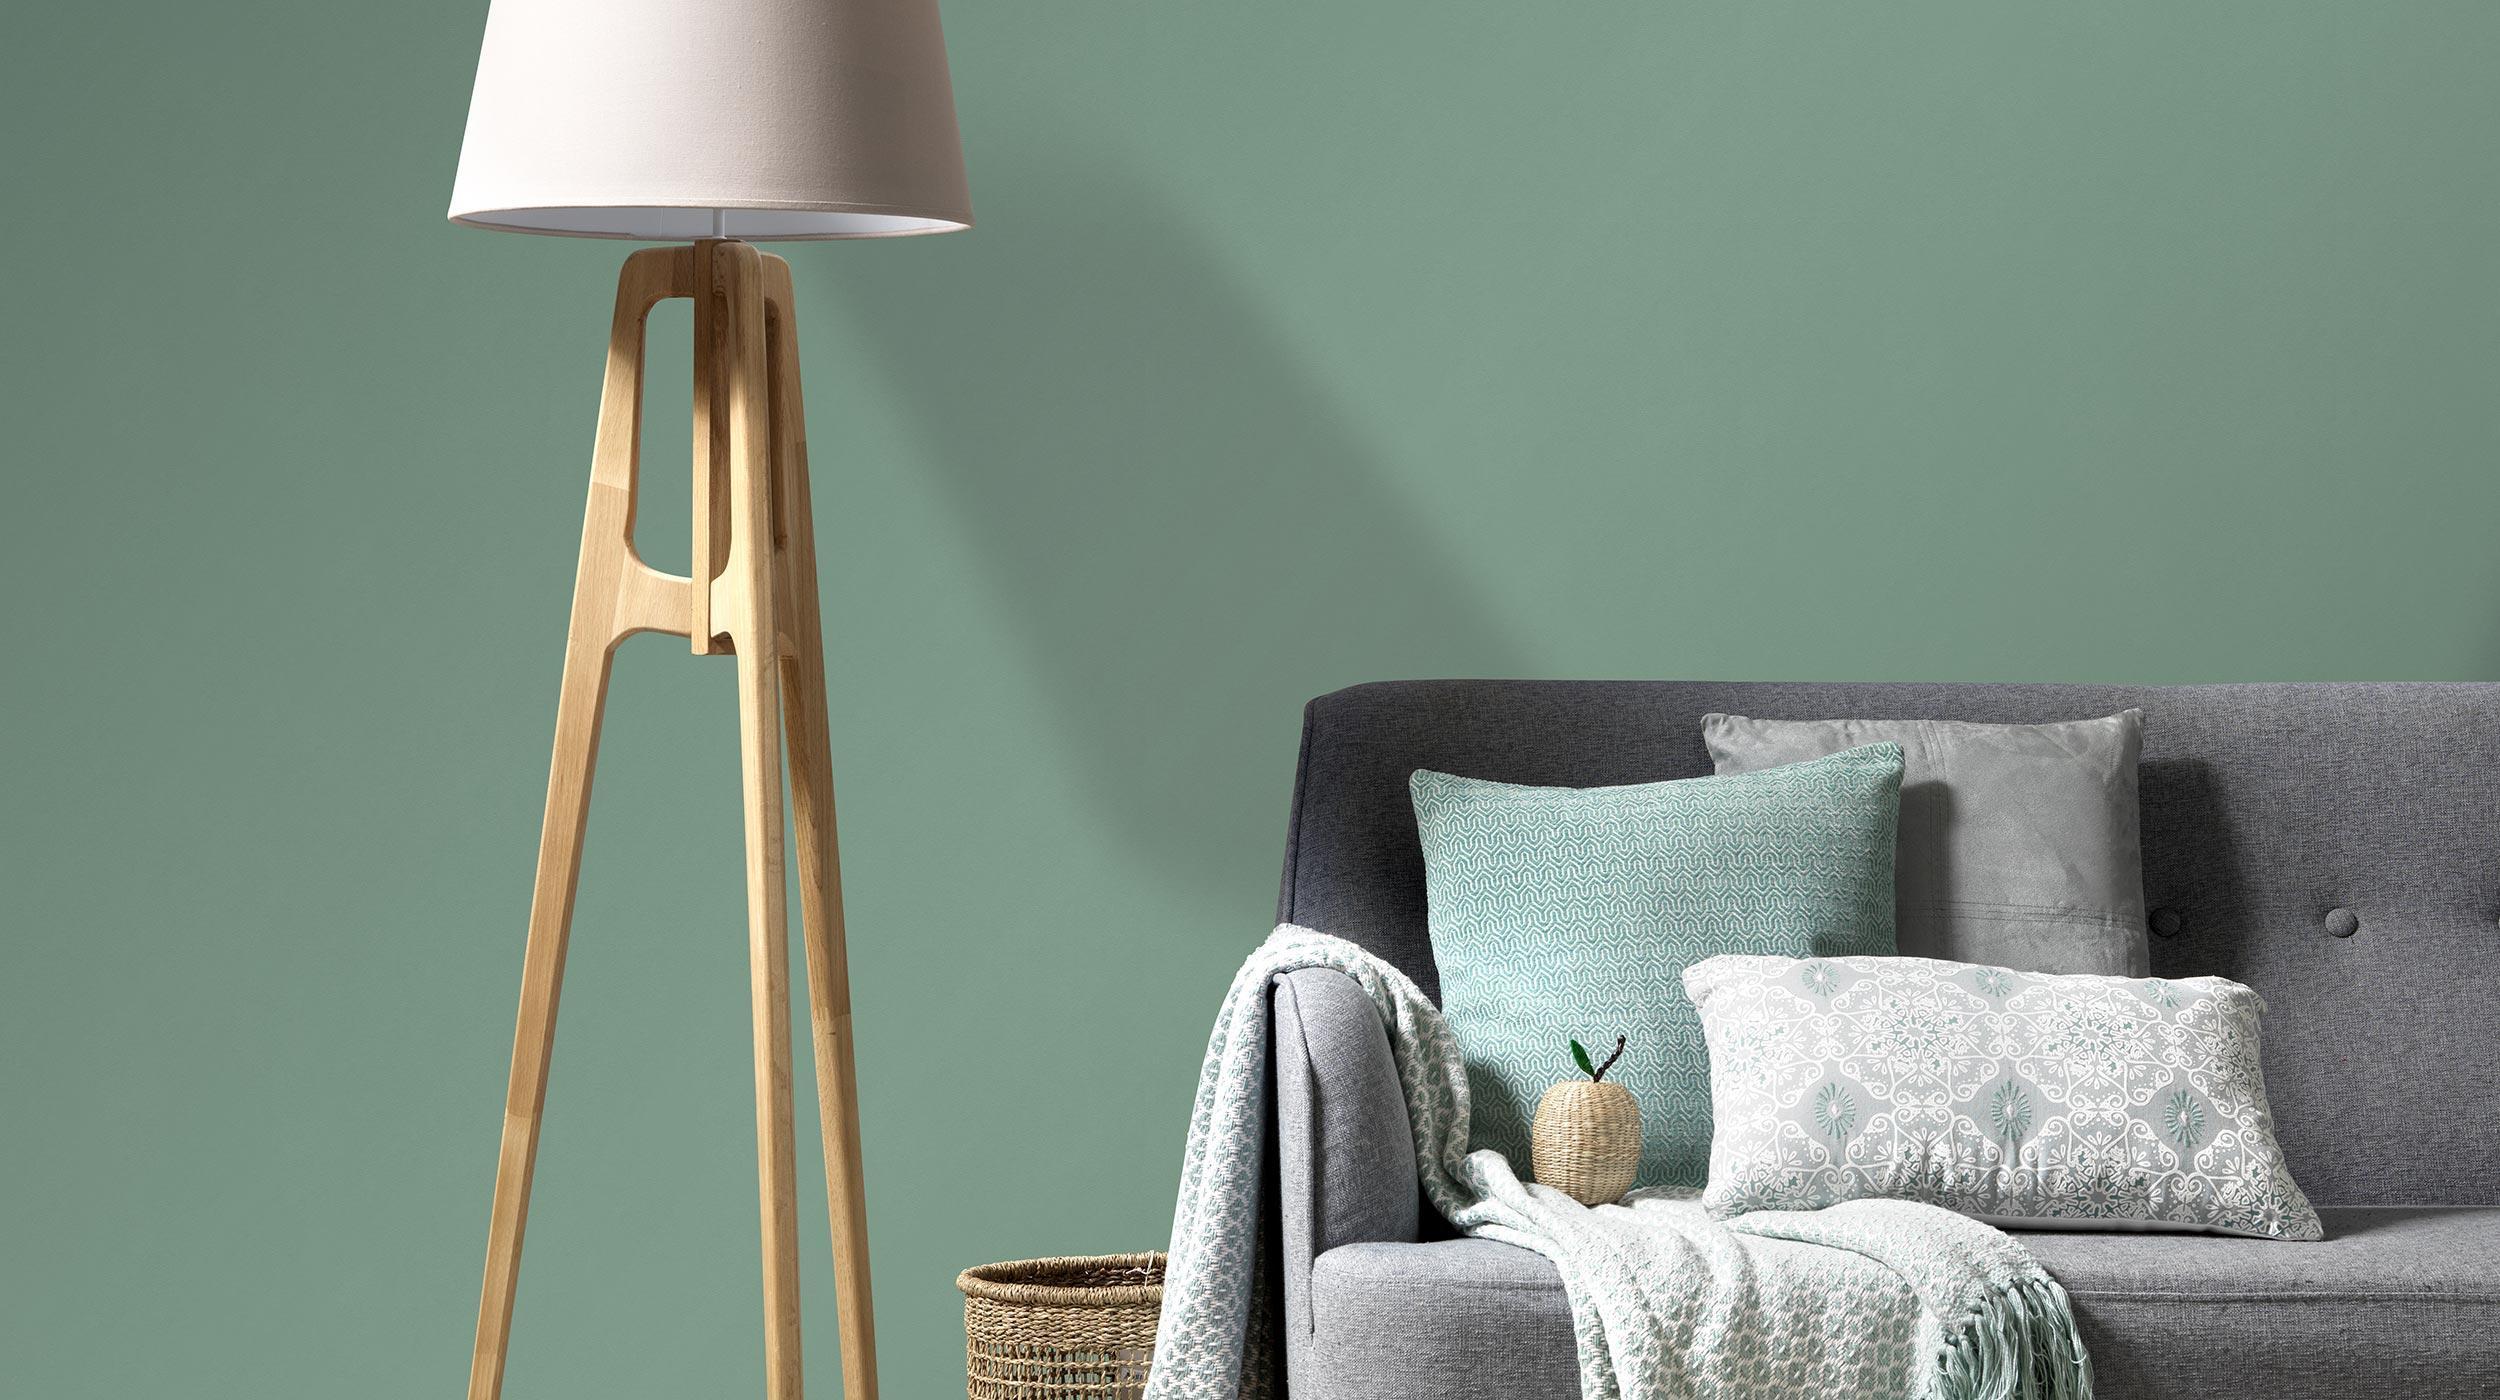 Vliestapete grüne Unistruktur Kollektion Colour Stories, Wohnzimmer Sofa Stehlampe